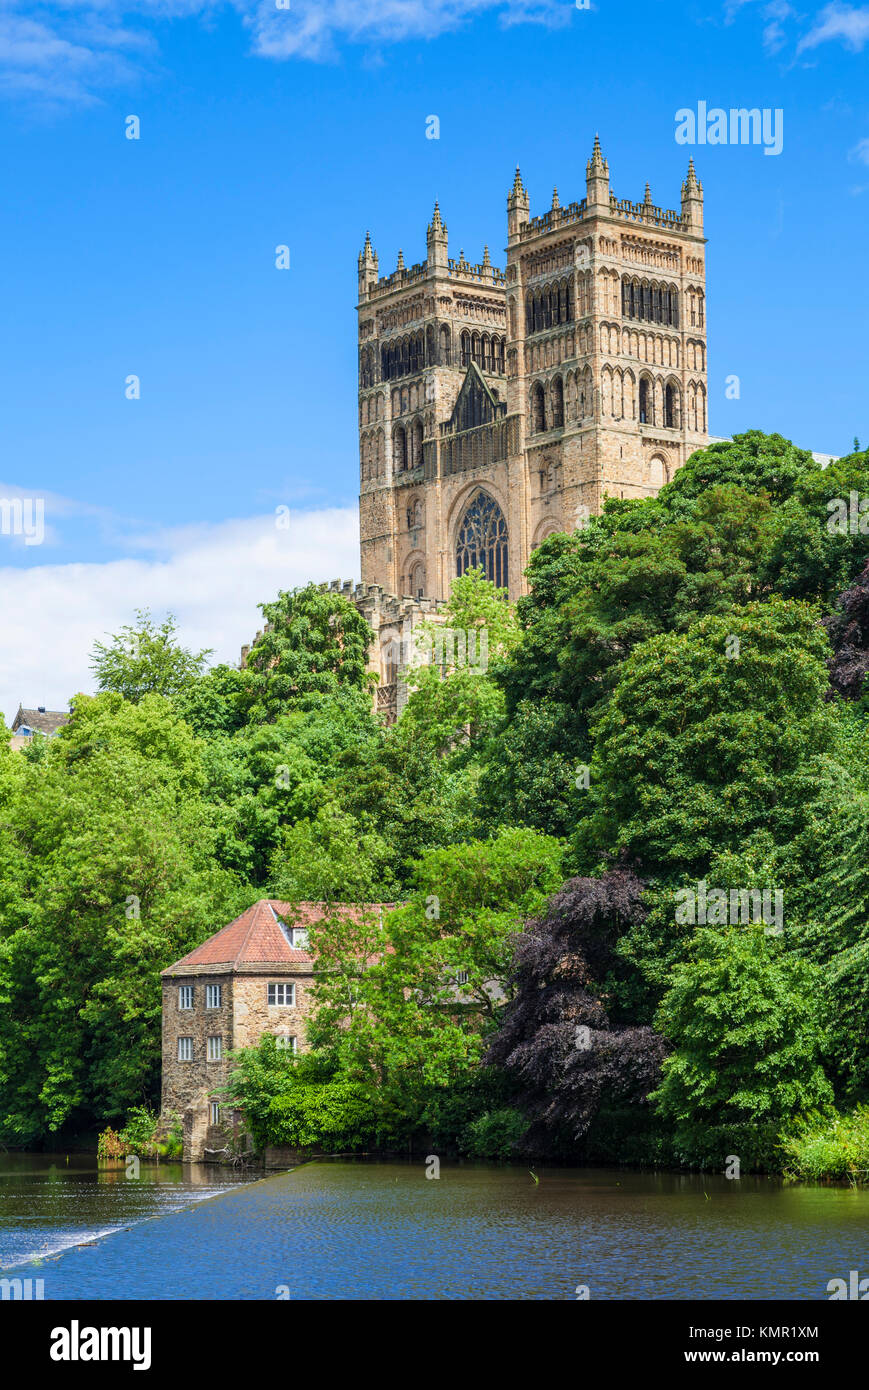 Inglaterra Inglaterra la catedral de Durham durham fachada río arriba desgaste County Durham durham Inglaterra Imagen De Stock